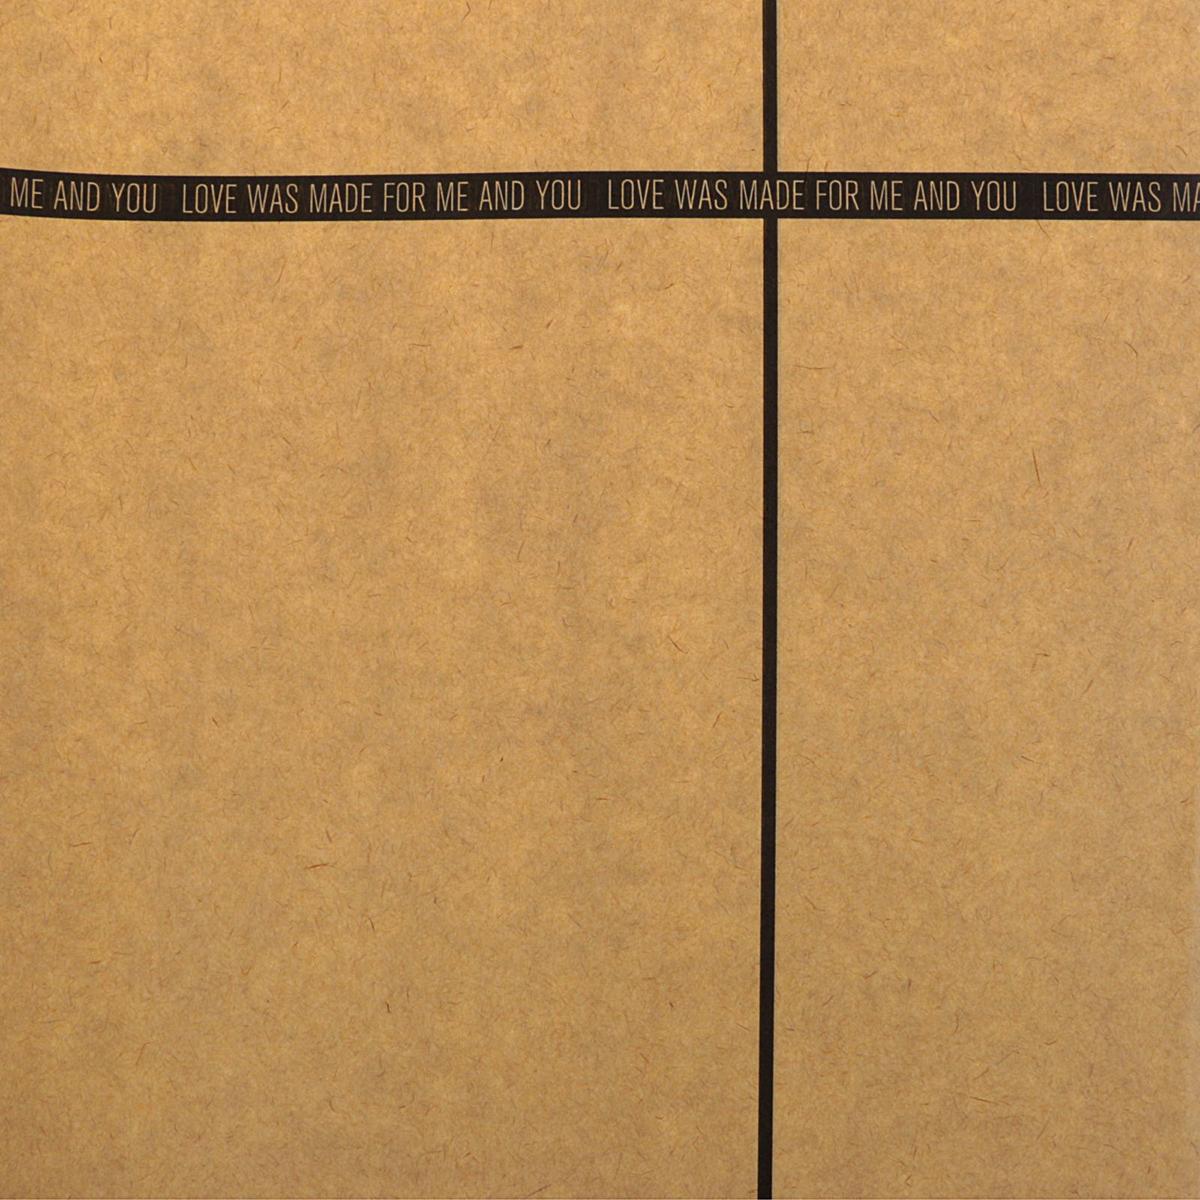 Бумага упаковочная , 60 х 60 см. 24899992489999Любой подарок начинается с упаковки. Что может быть трогательнее и волшебнее, чем ритуал разворачивания полученного презента. И именно оригинальная, со вкусом выбранная упаковка выделит ваш подарок из массы других. Она продемонстрирует самые тёплые чувства к виновнику торжества и создаст сказочную атмосферу праздника. — это то, что вы искали.